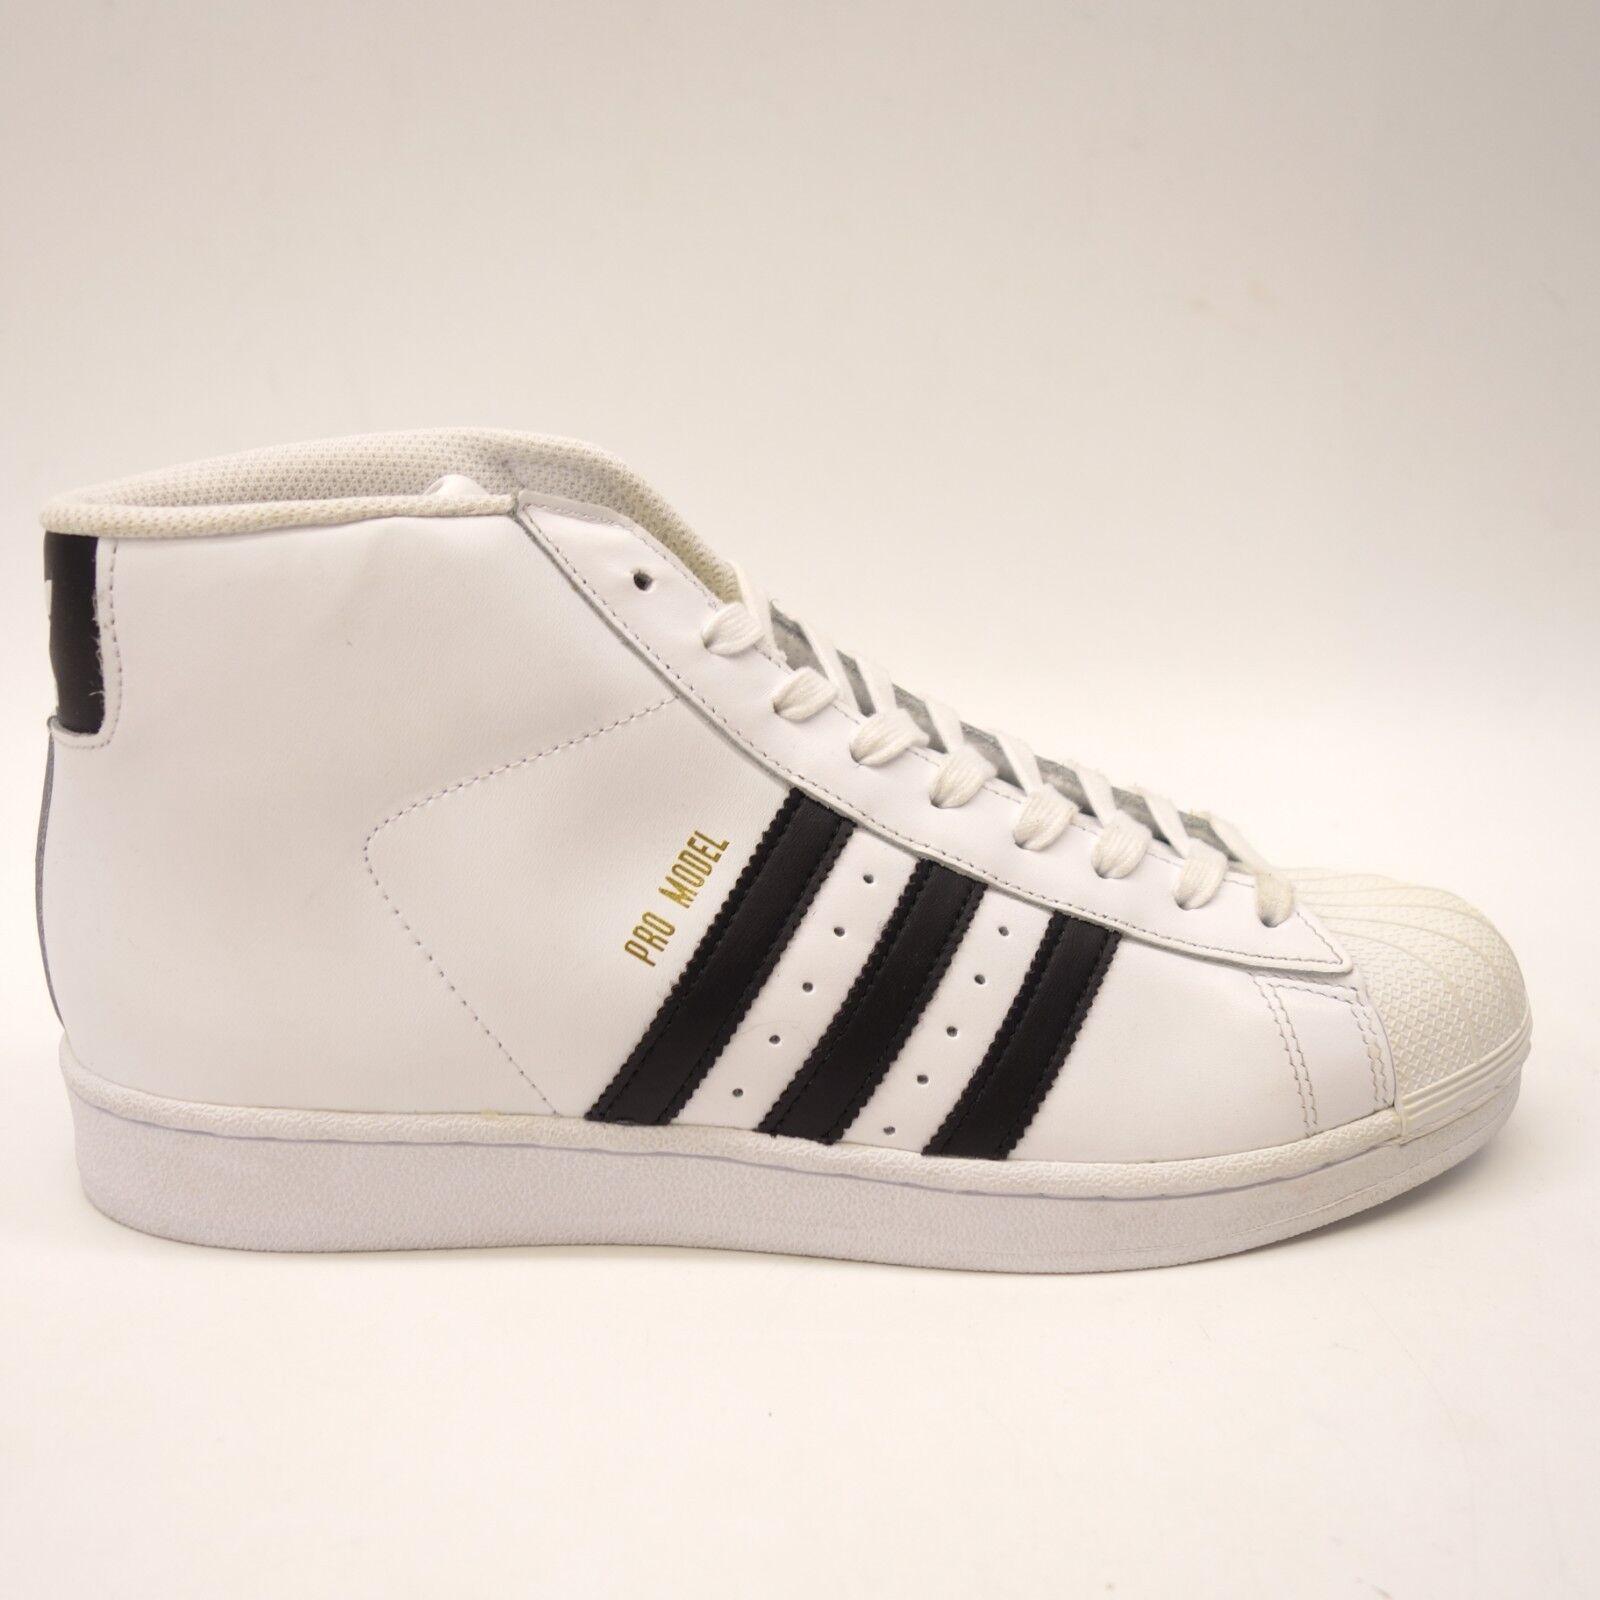 Nuovi Adidas Mens Originals Pro Model High Top bianca scarpe  S8556 Dimensione 10  garantito